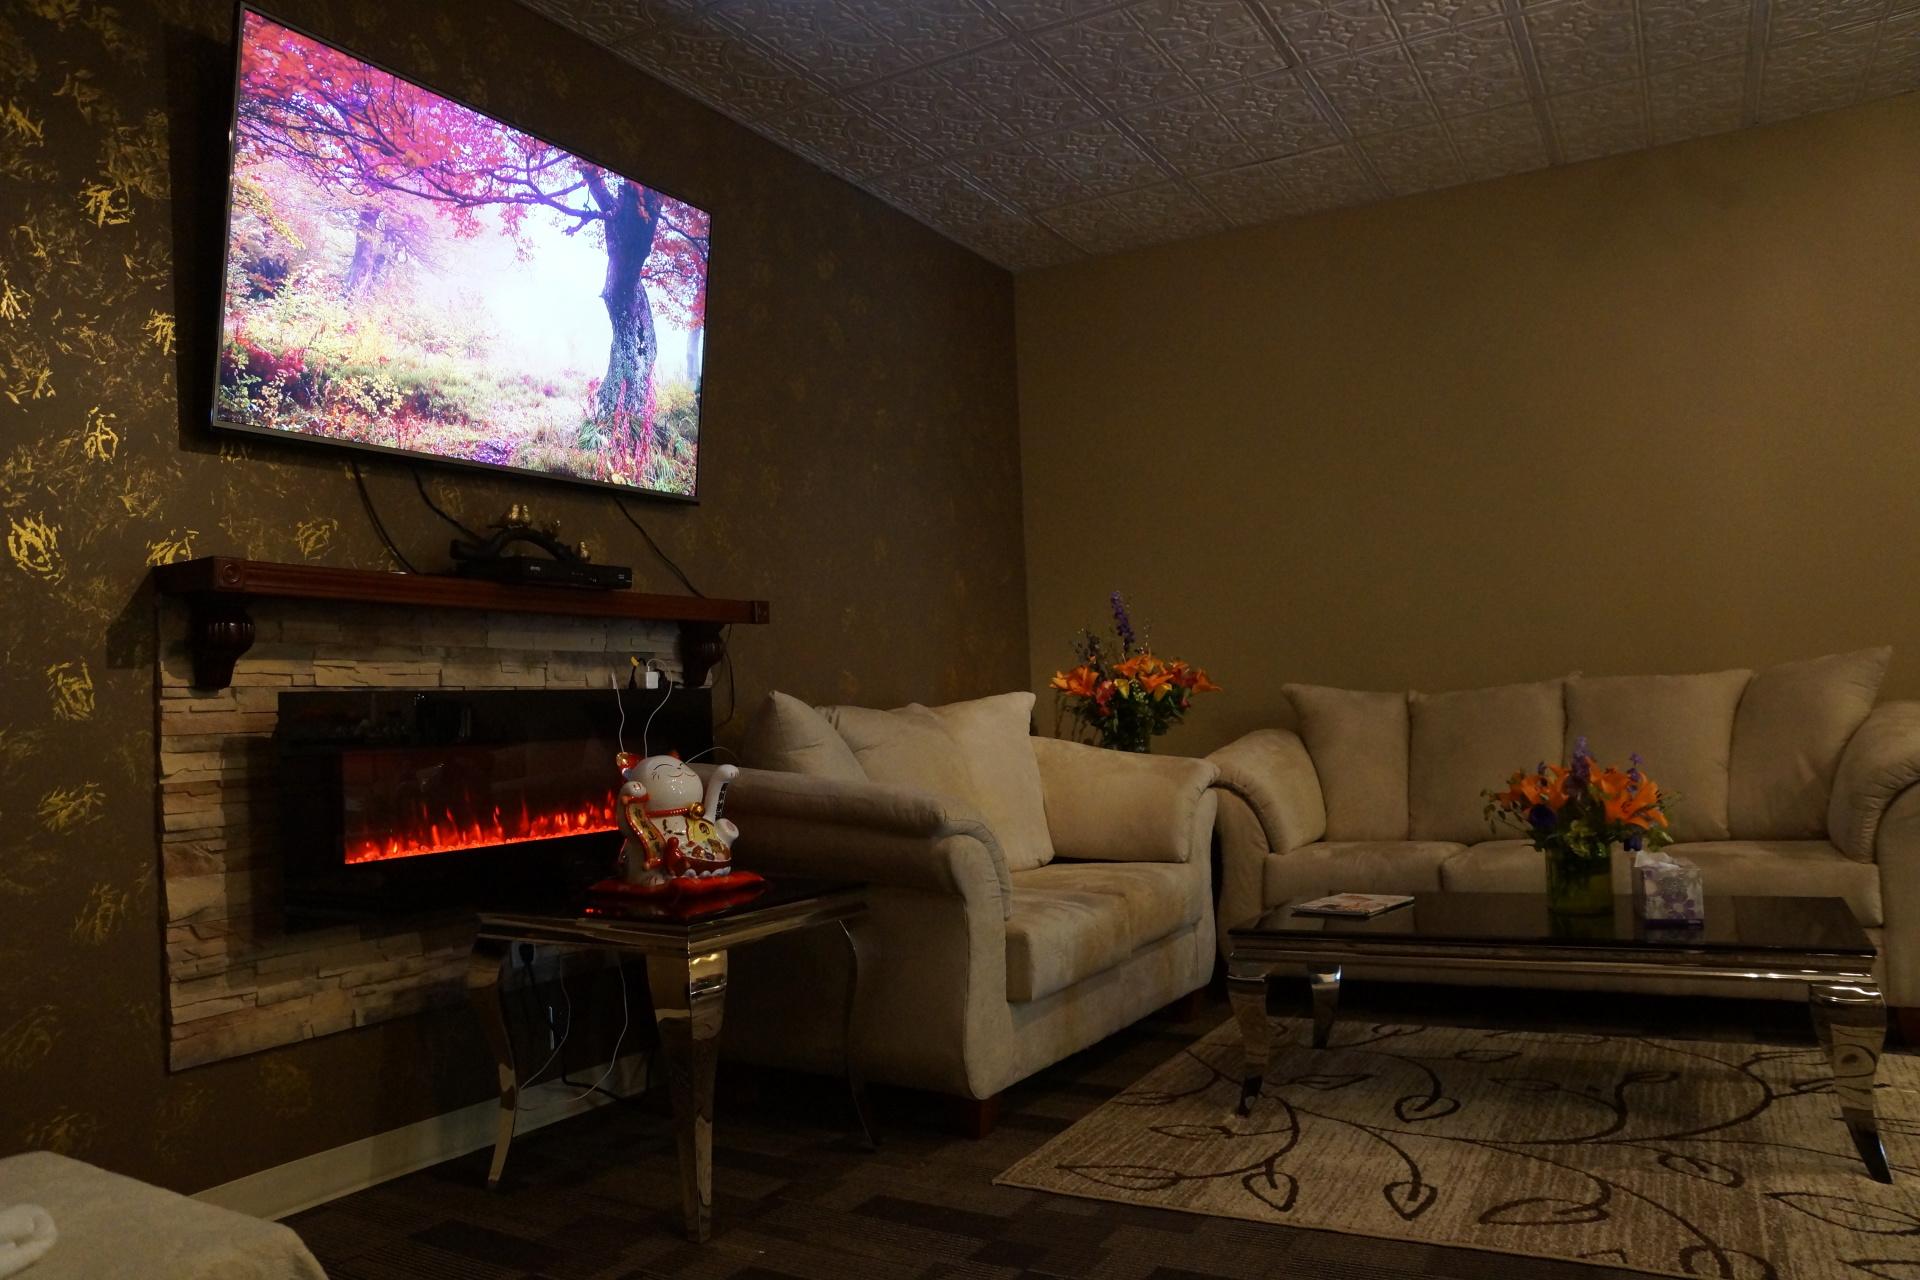 massage, spring wellness, fireplace